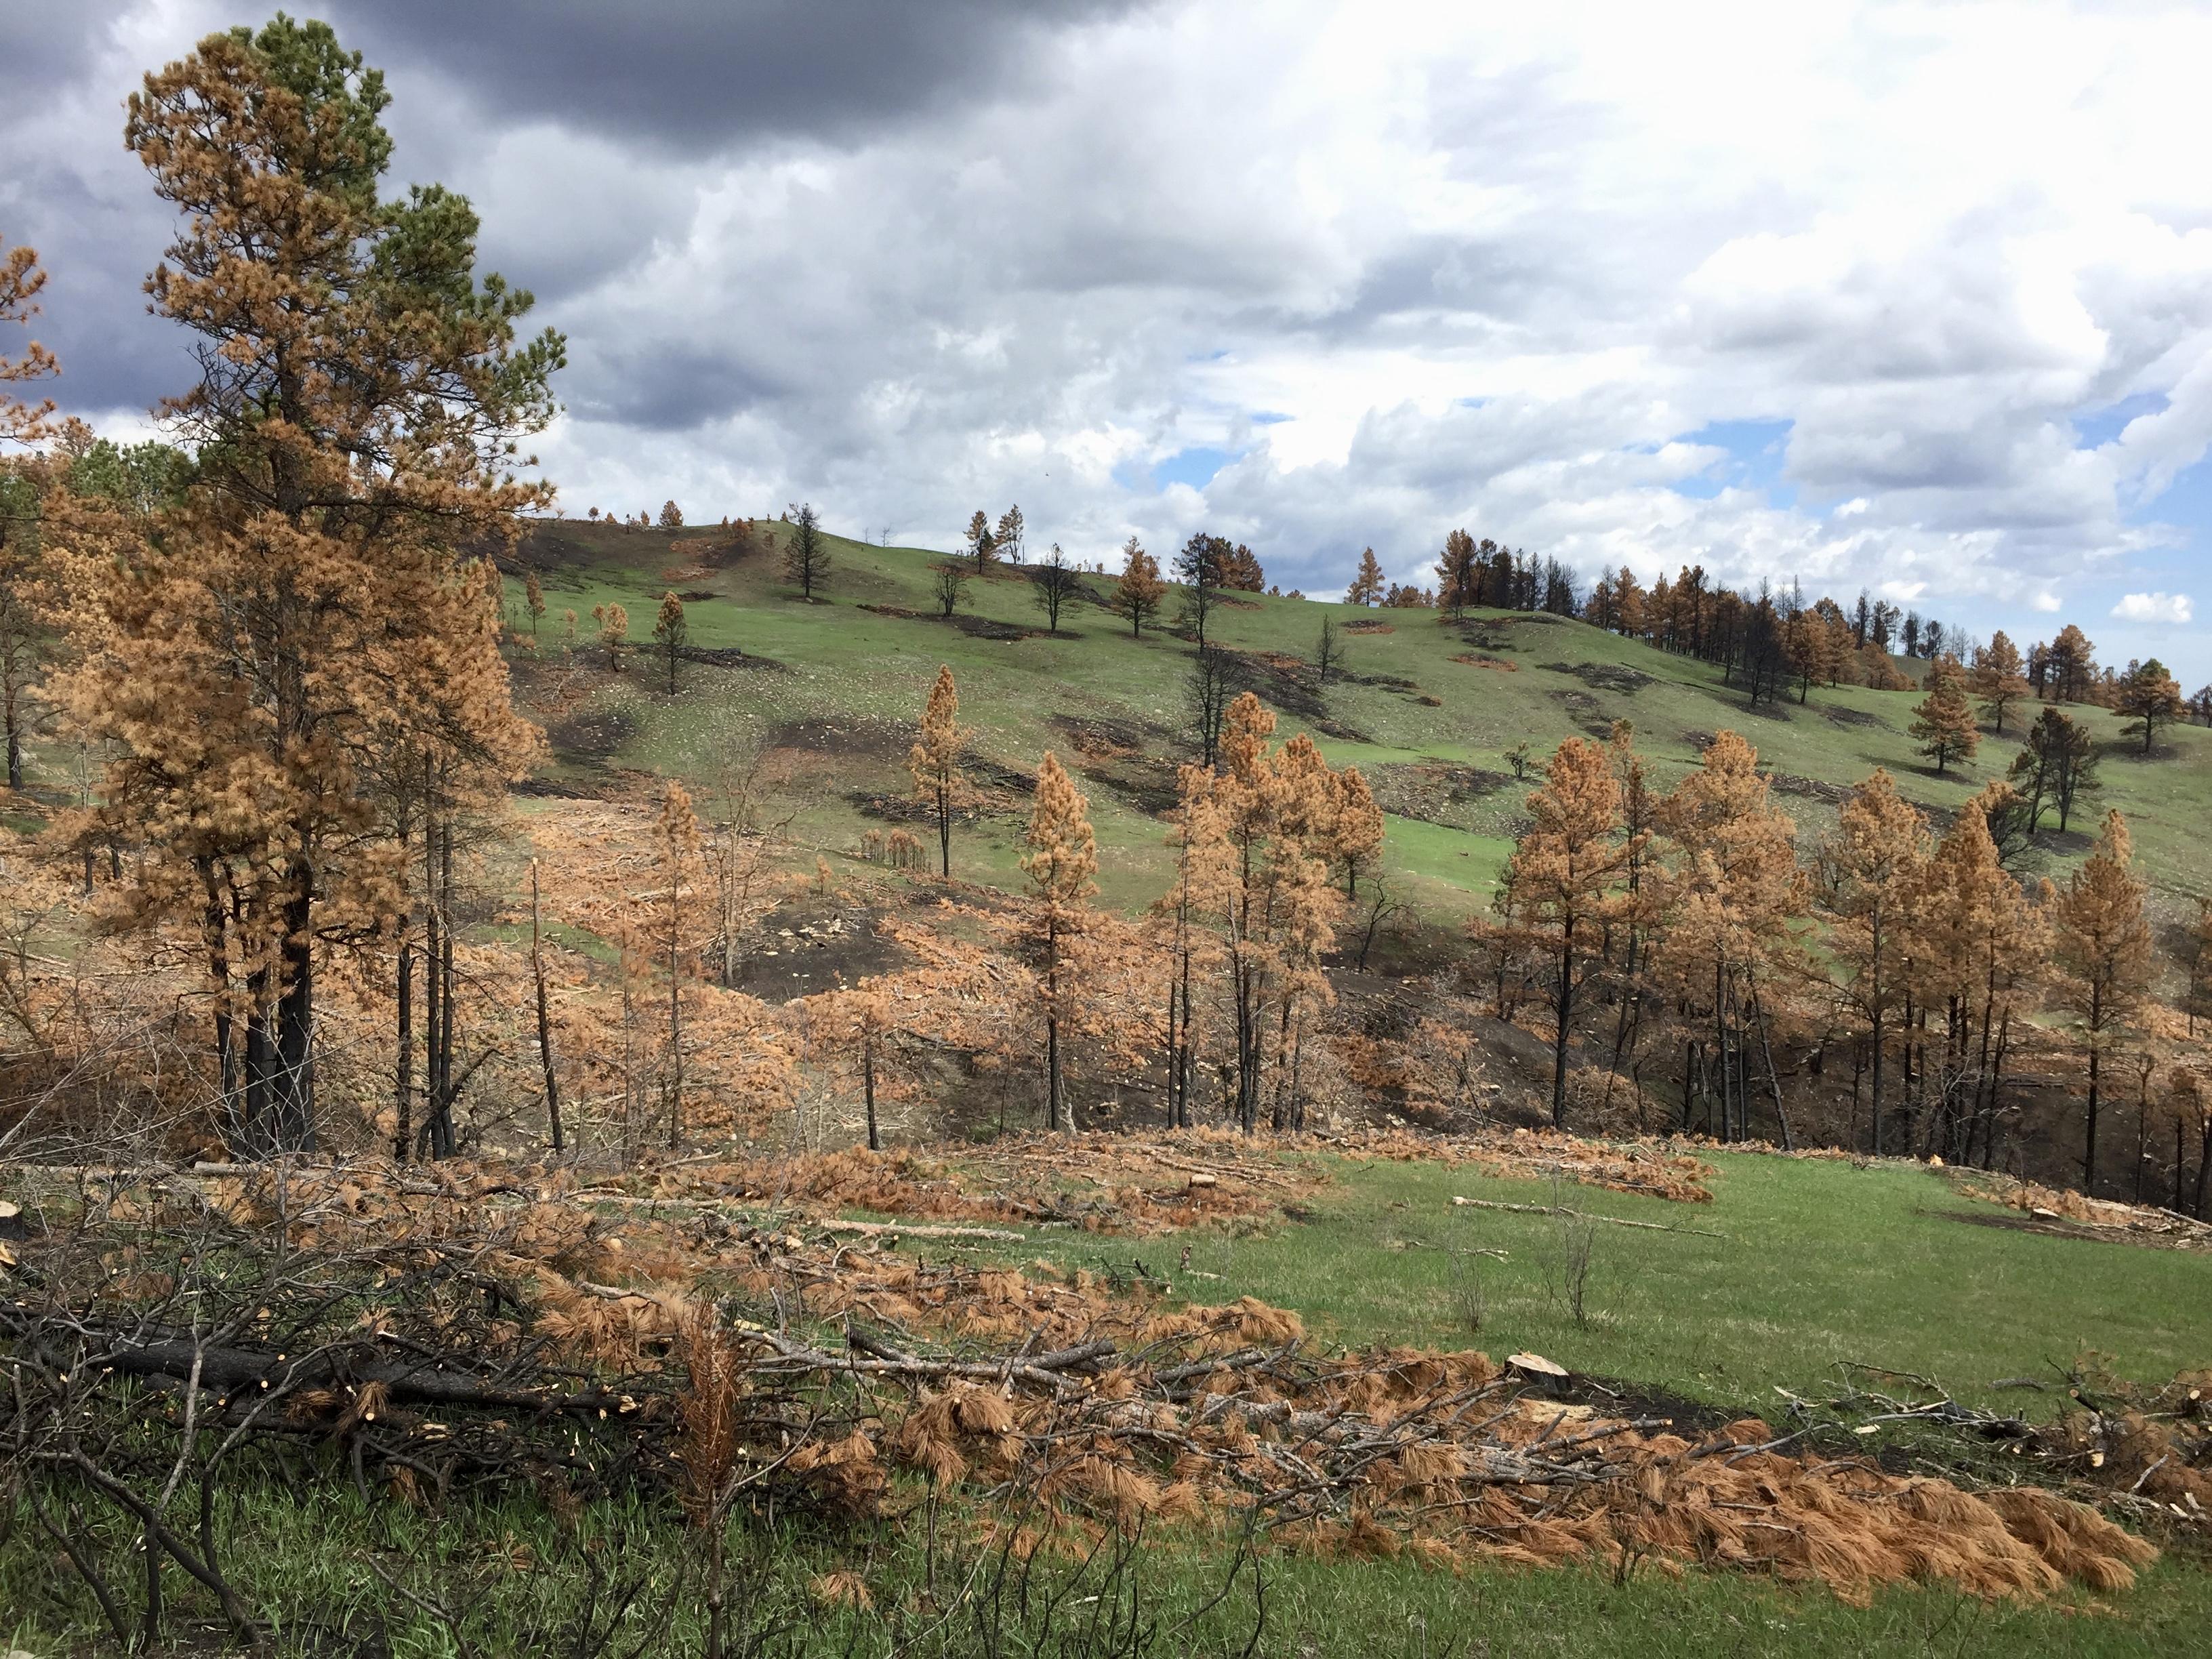 Gewitterstimmung über abgebranntem Hügel mit braunen Bäumen im Custer State Park